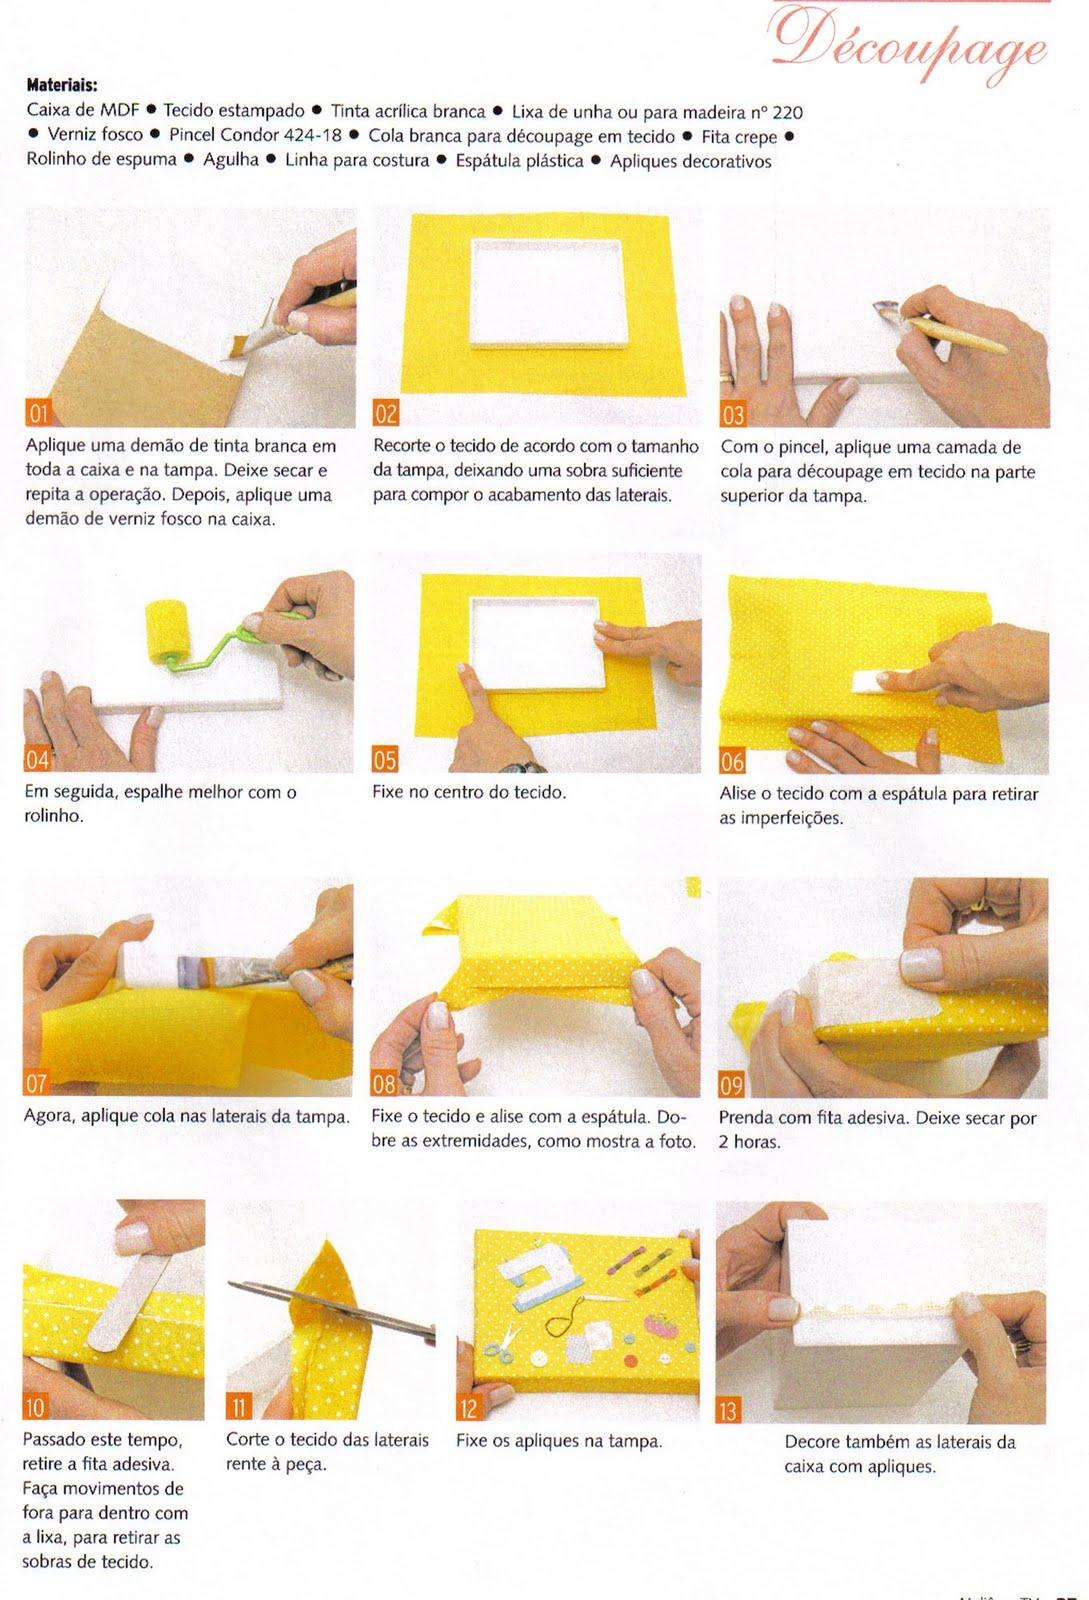 caixa mdf com tecido 1.jpg #BEA70D 1089x1600